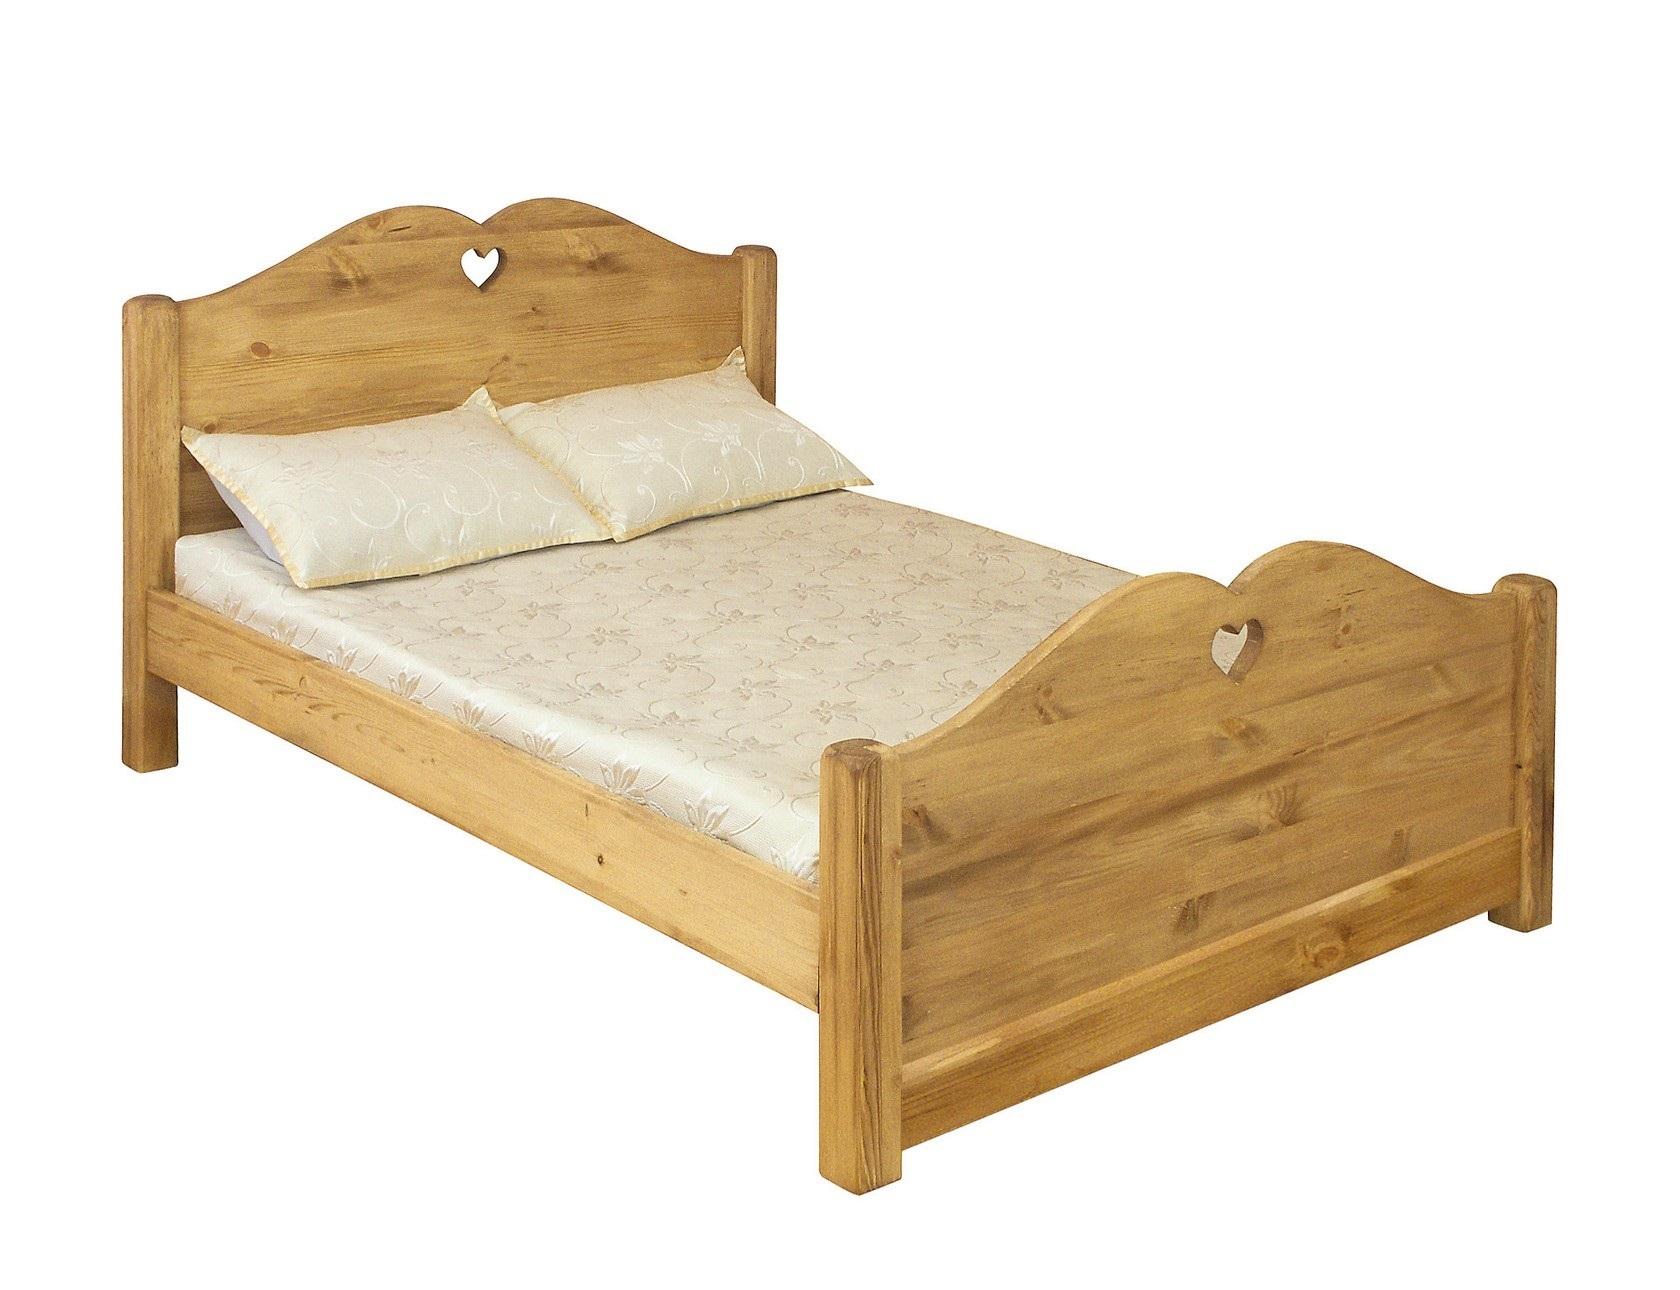 Кровать Волшебная сосна LIT COEUR 140 (LCOEUR 140) / LIT COEUR 160 (LCOEUR 160)